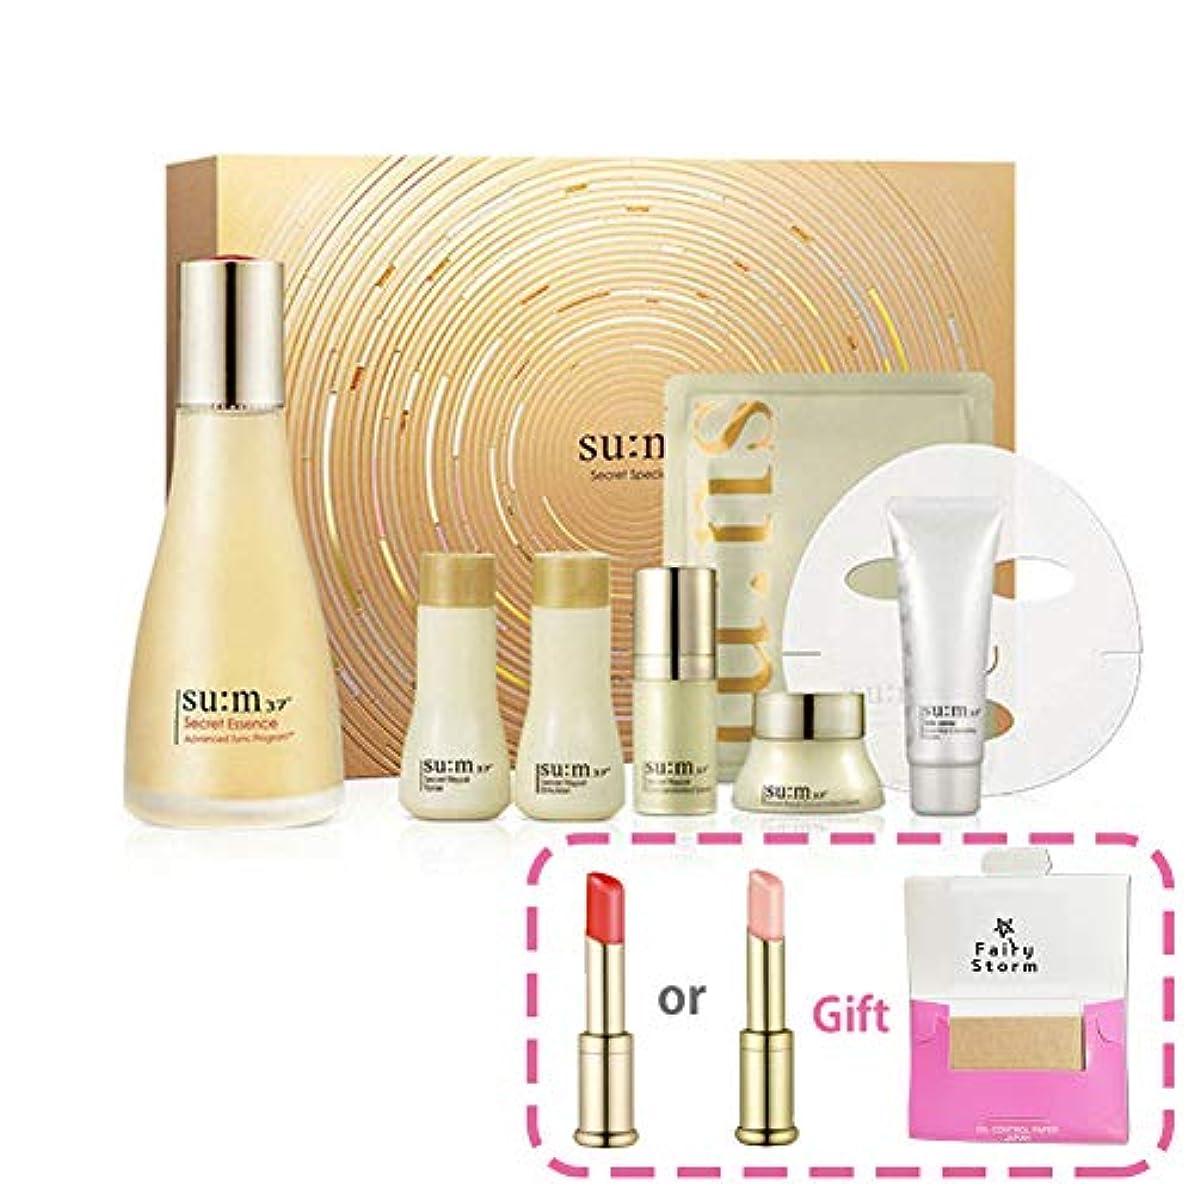 より平らなスタジオ興奮[su:m37/スム37°] SUM37 Secret Essence SPECIAL 150ml Limited Edition/シークレットエッセンススペシャルリミテッドエディション+[Sample Gift](海外直送品)